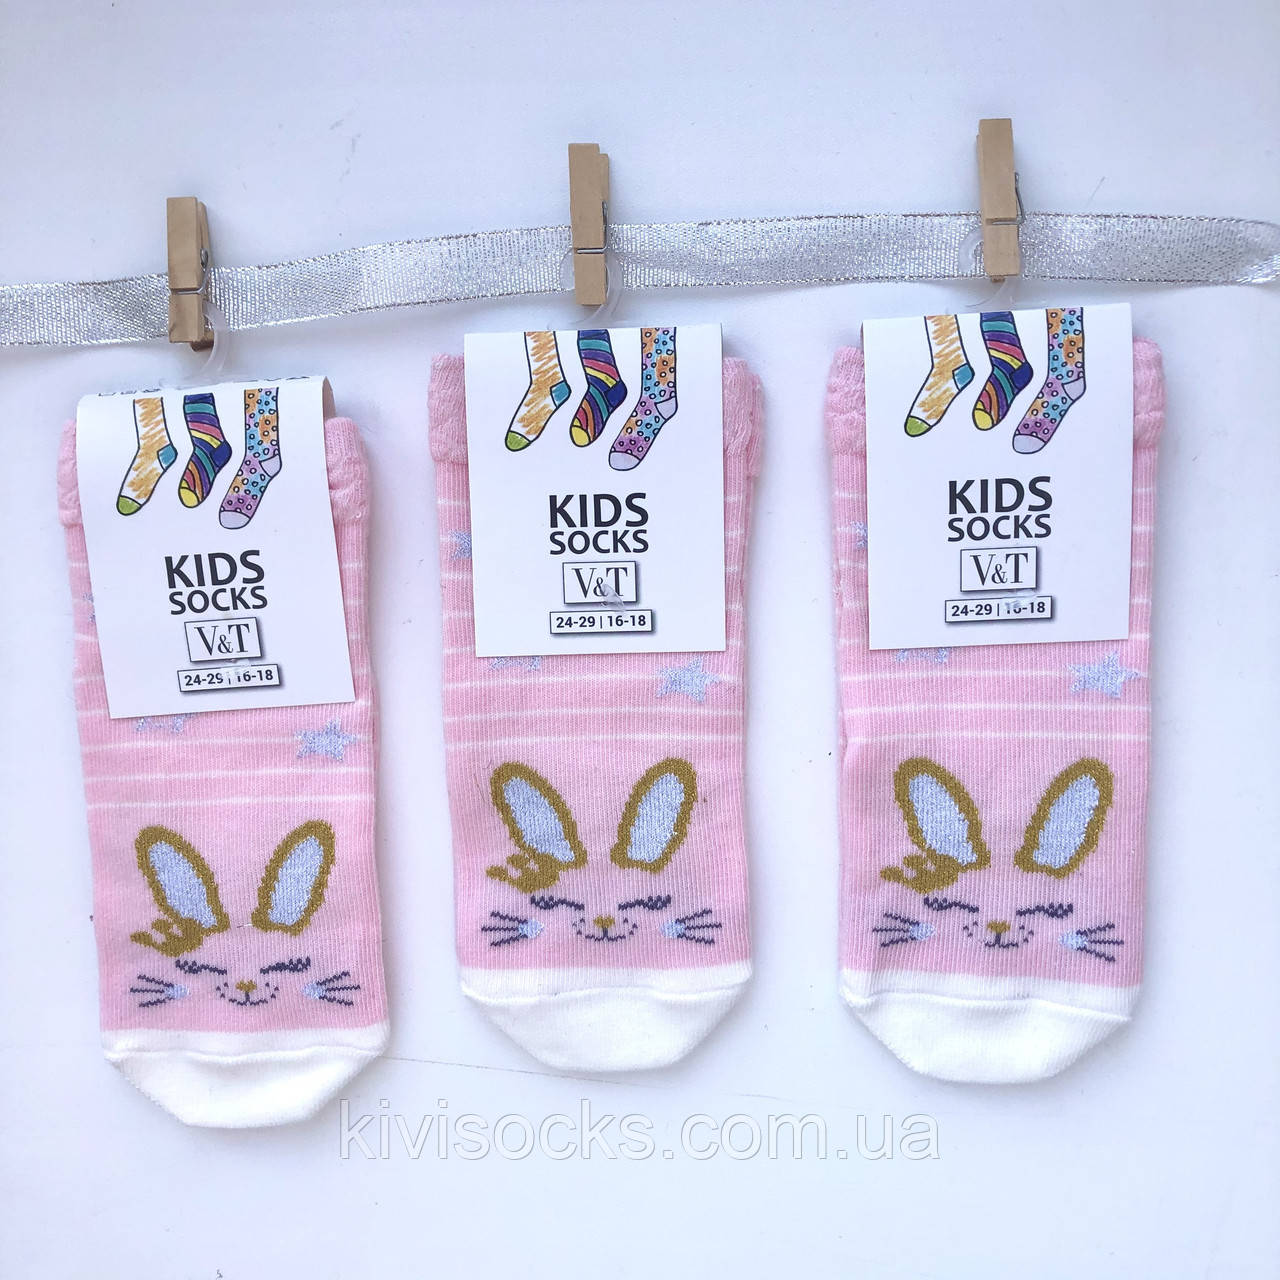 Шкарпетки дитячі дівчинка V&T socks з малюнком Зайчик люрекс